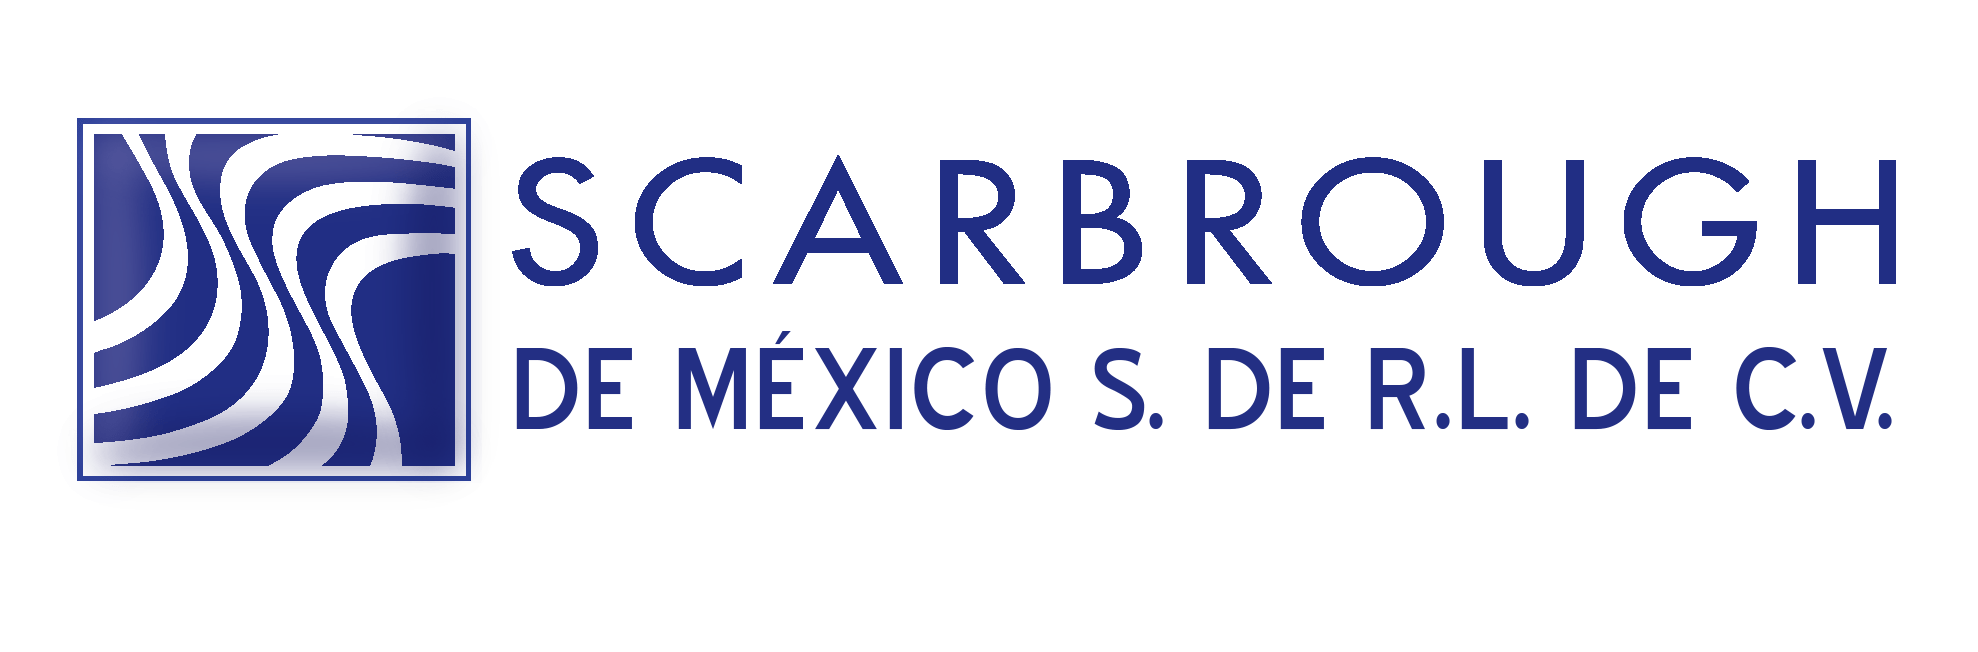 Scarbrough de Mexico de s de rl de cv